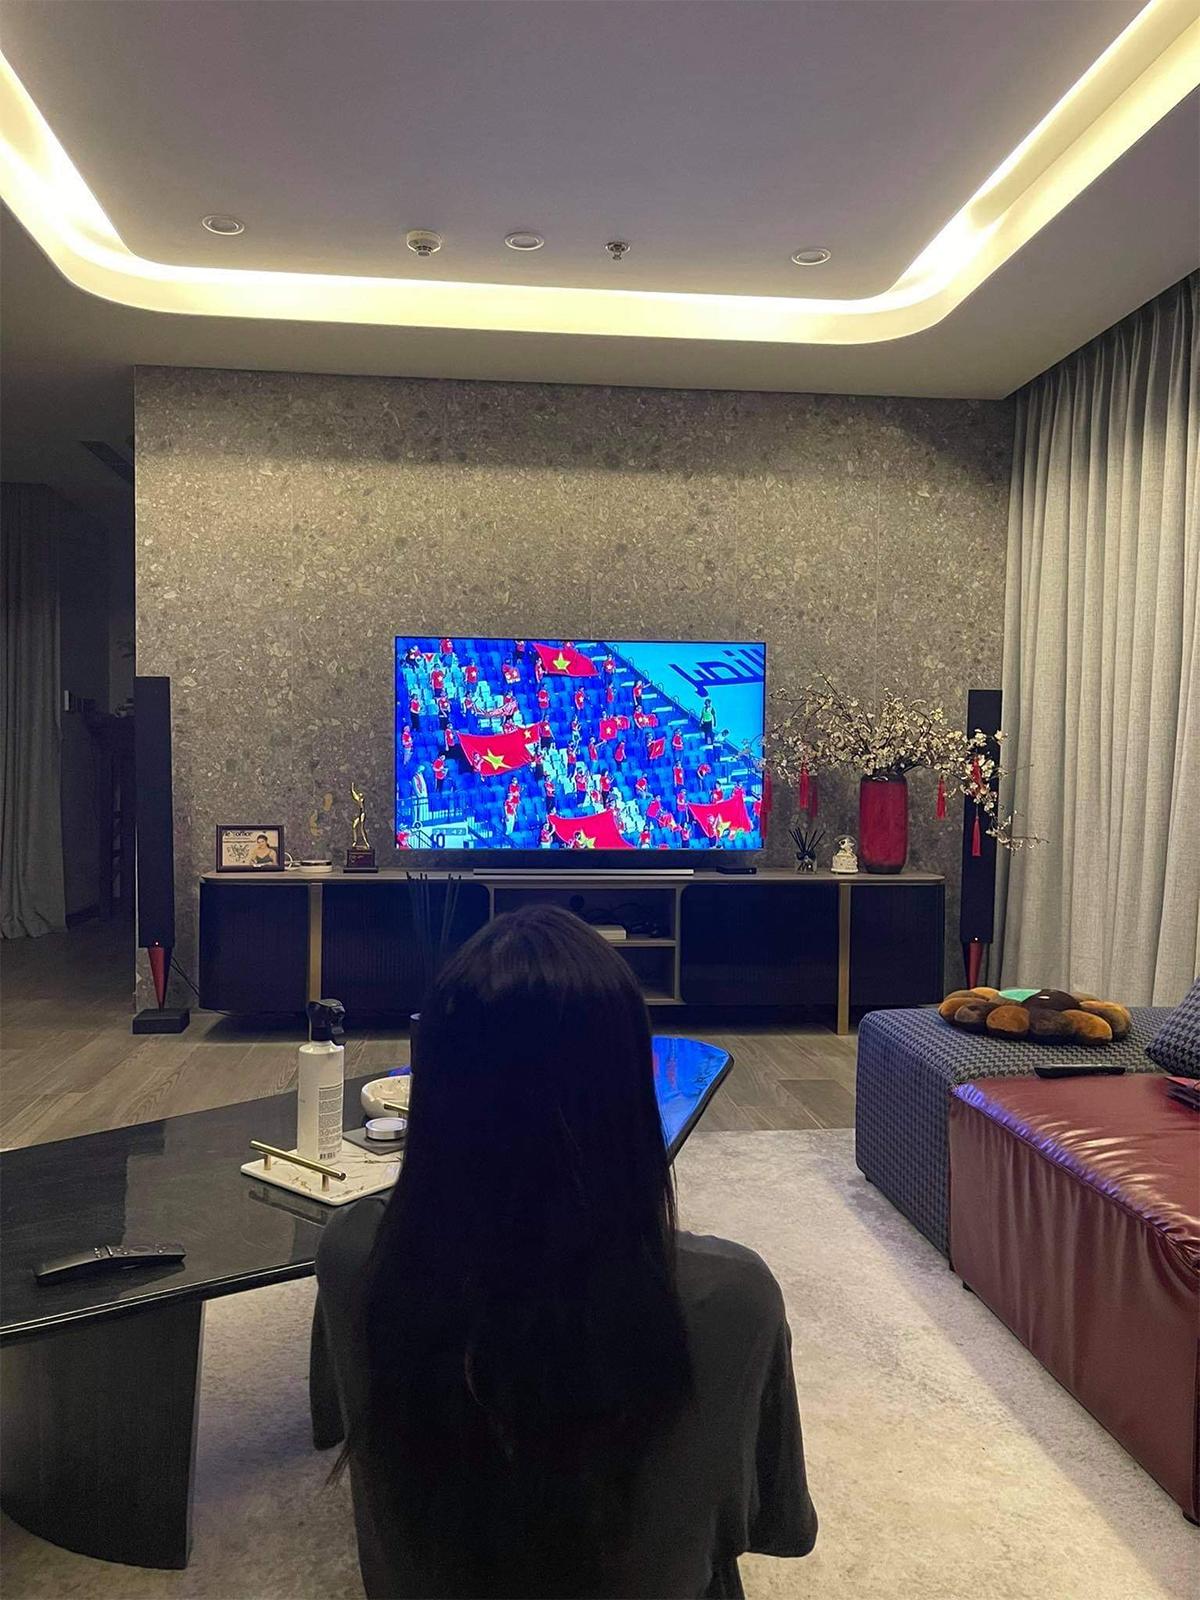 Việt Nam thắng Indonesia 4-0 giữa mùa dịch: Người đeo khẩu trang, người đóng cửa cổ vũ - hình ảnh 11